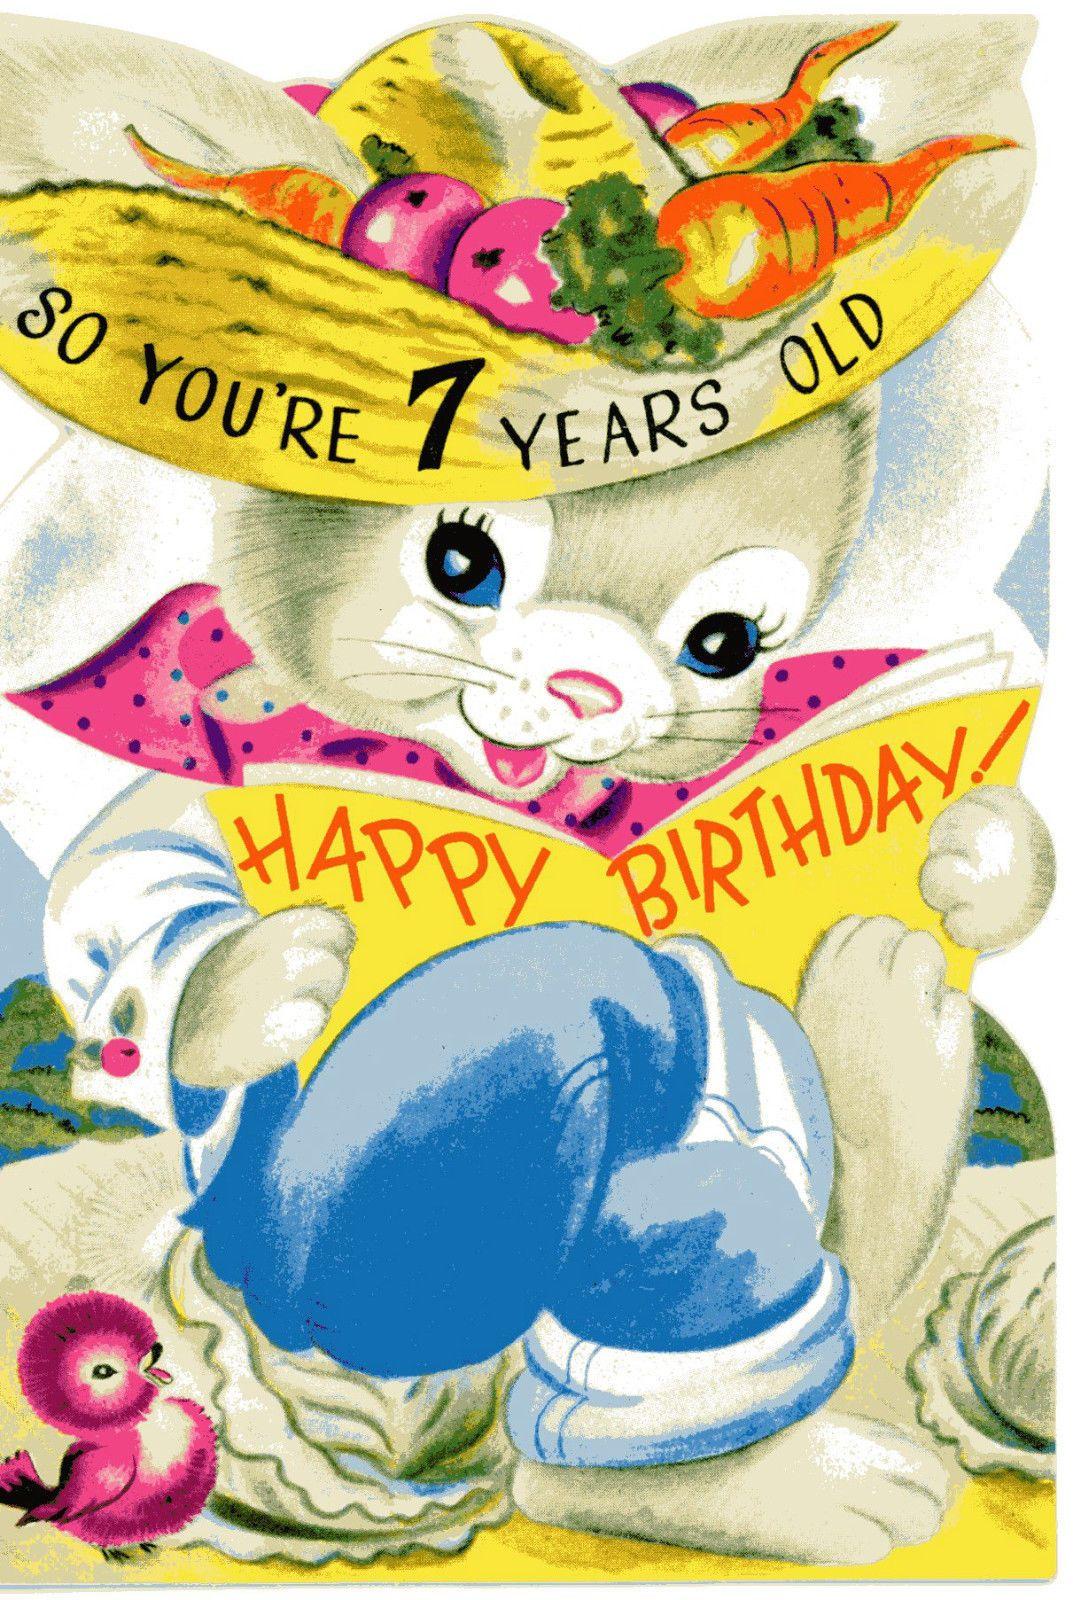 Vintage Original Unused Greeting Card Happy Birthday 7 Years Old